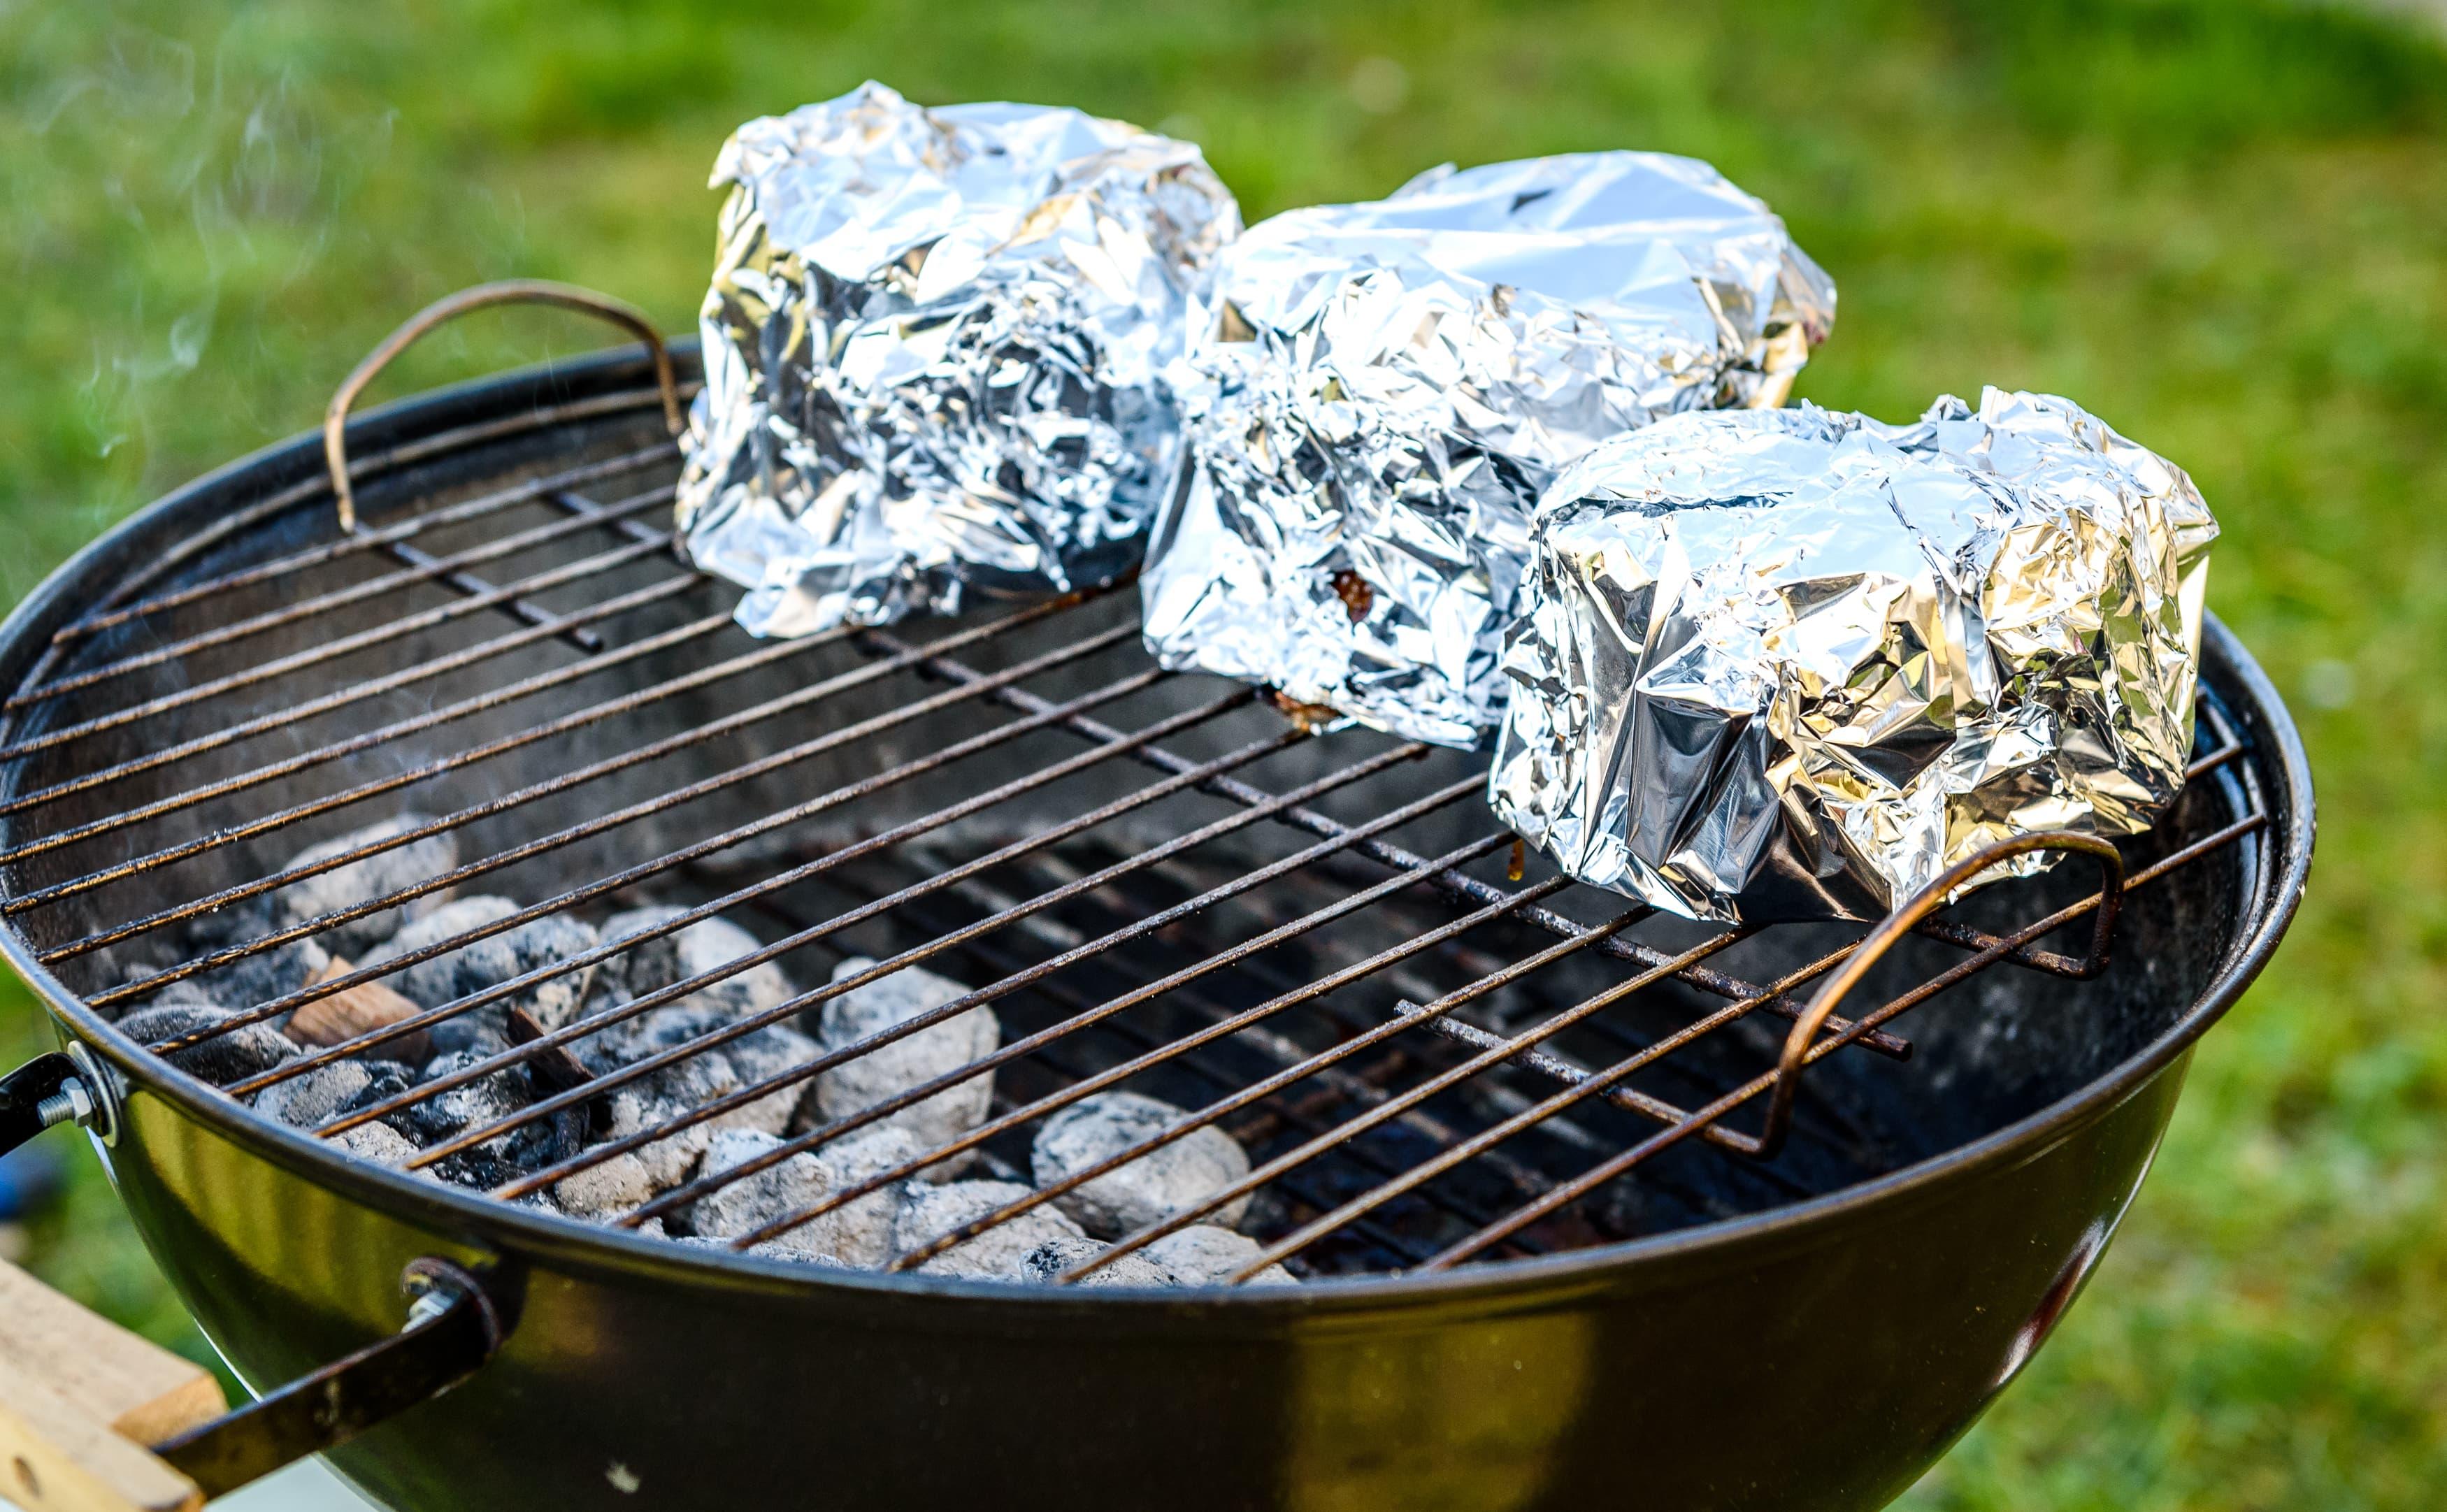 Aluminiumsfolie kan brukes til det meste på grillen!